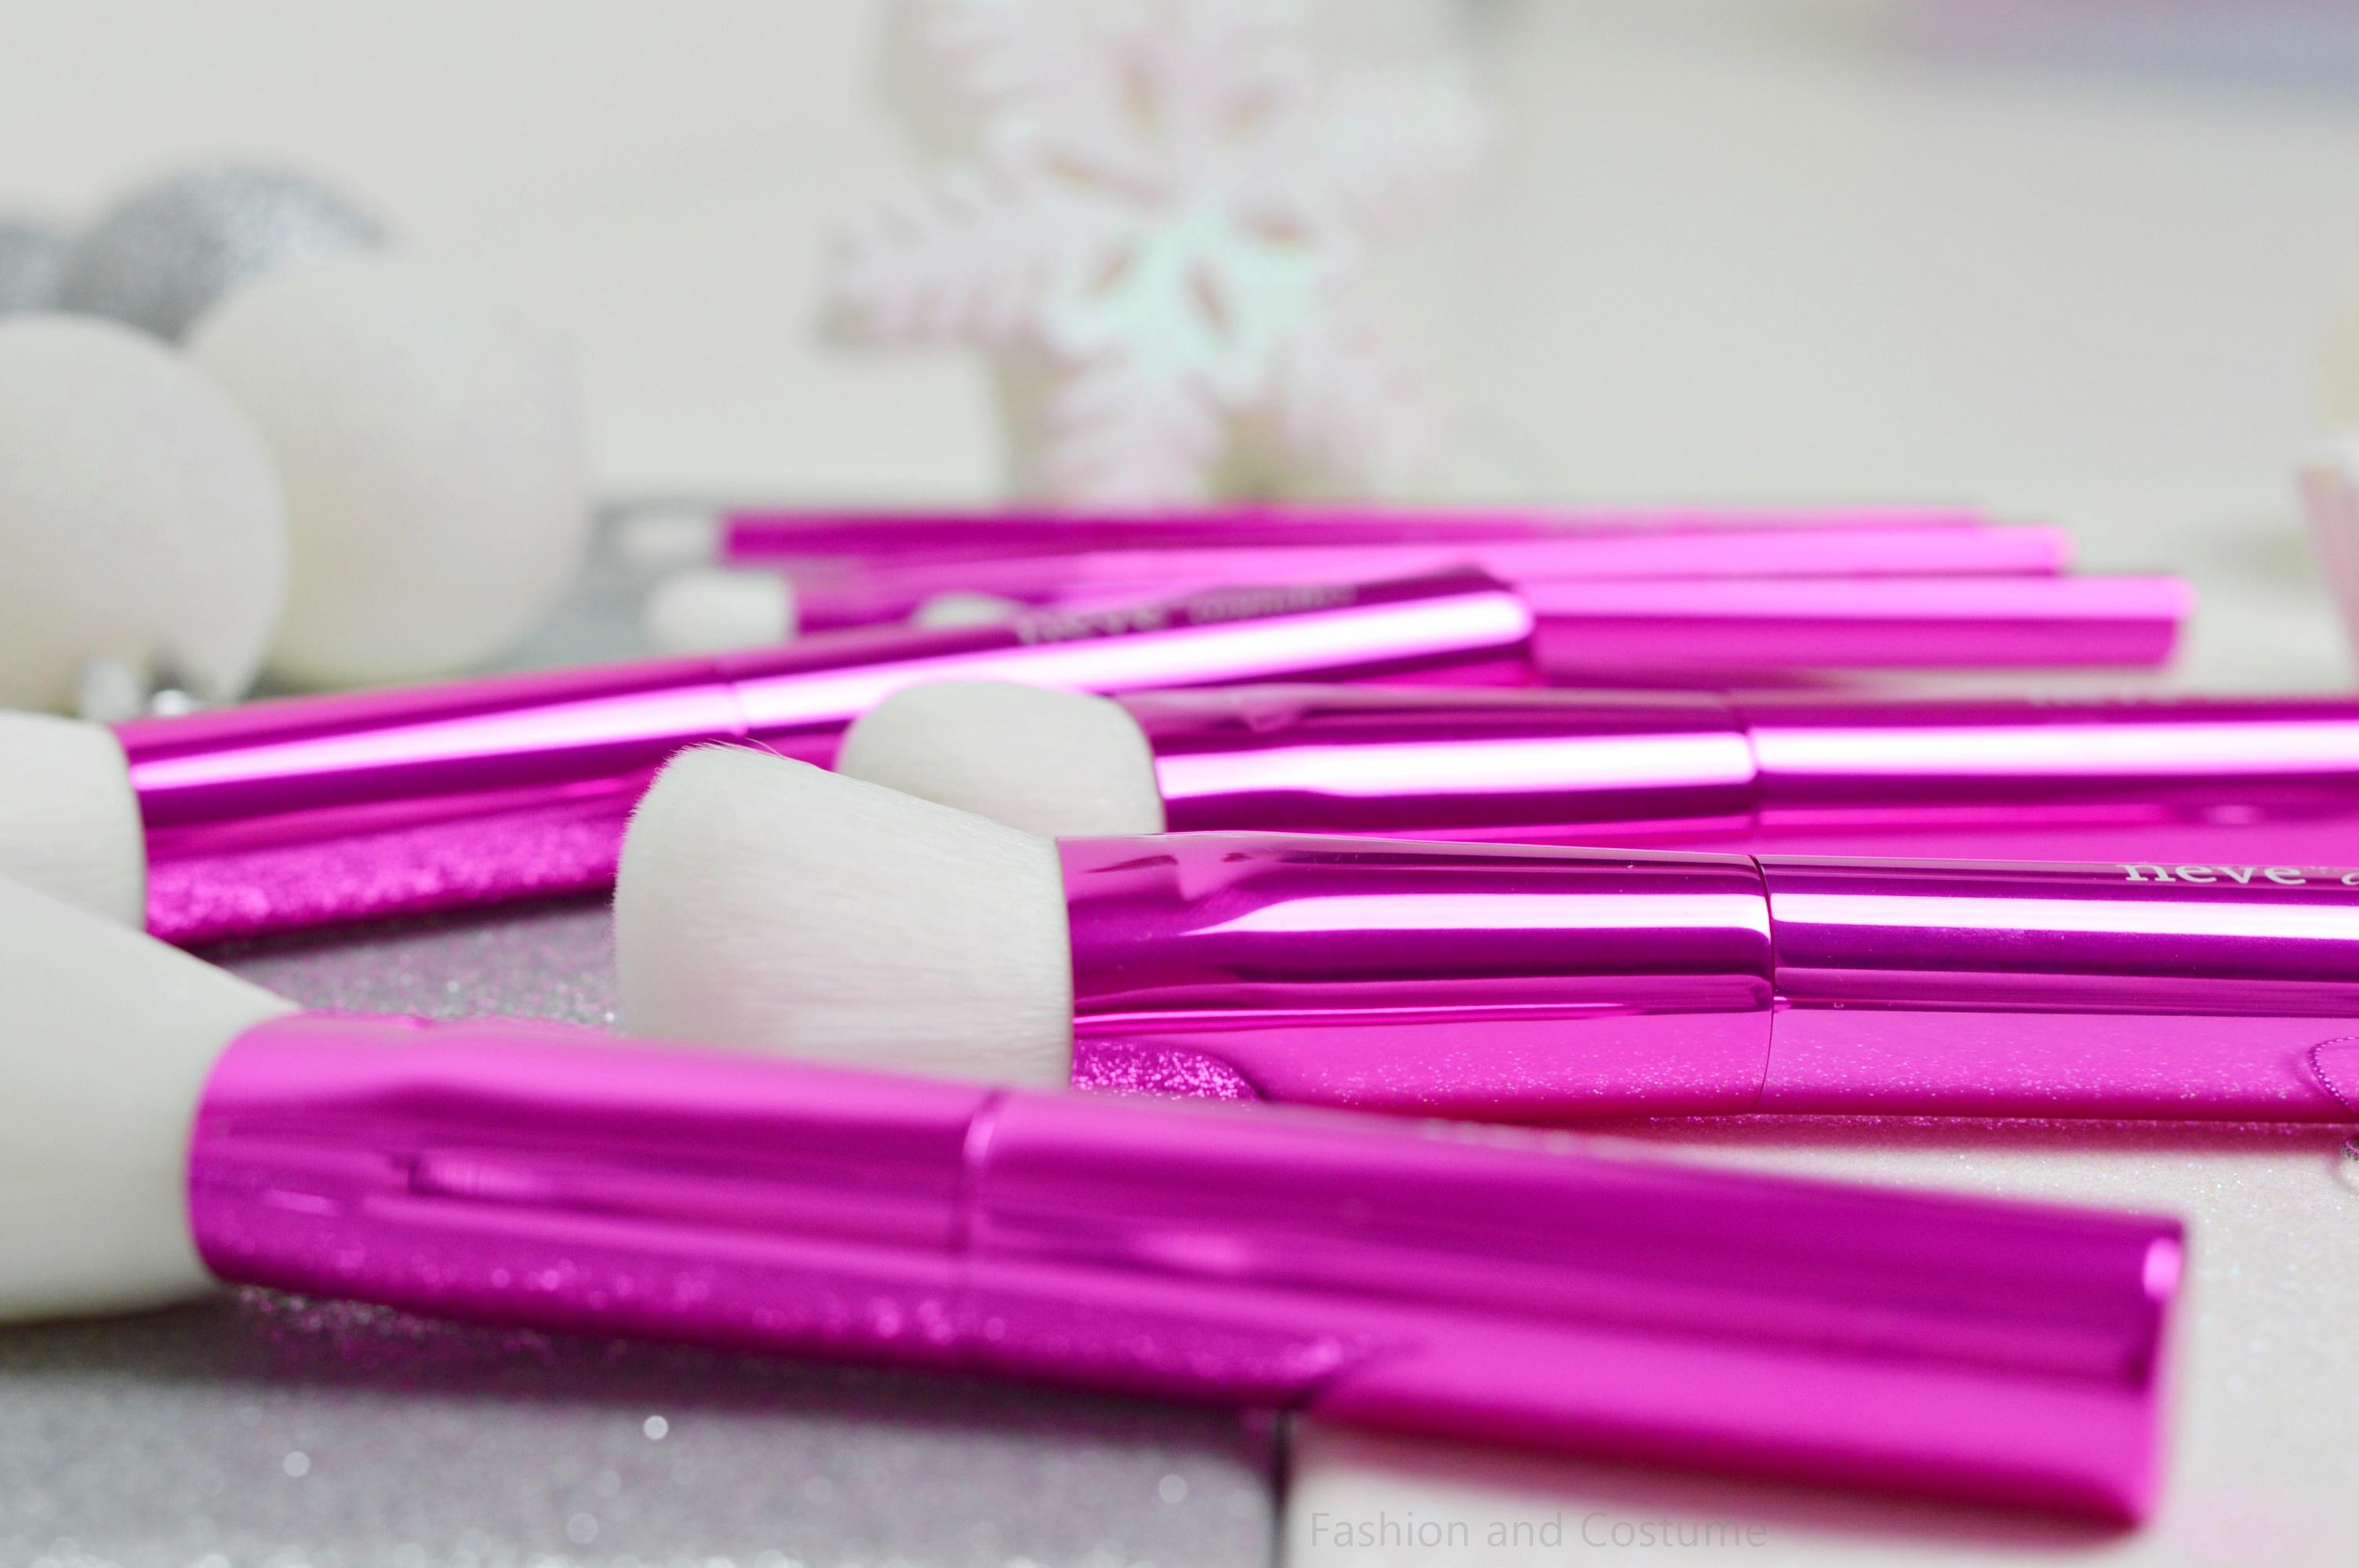 azalea-brushes-8